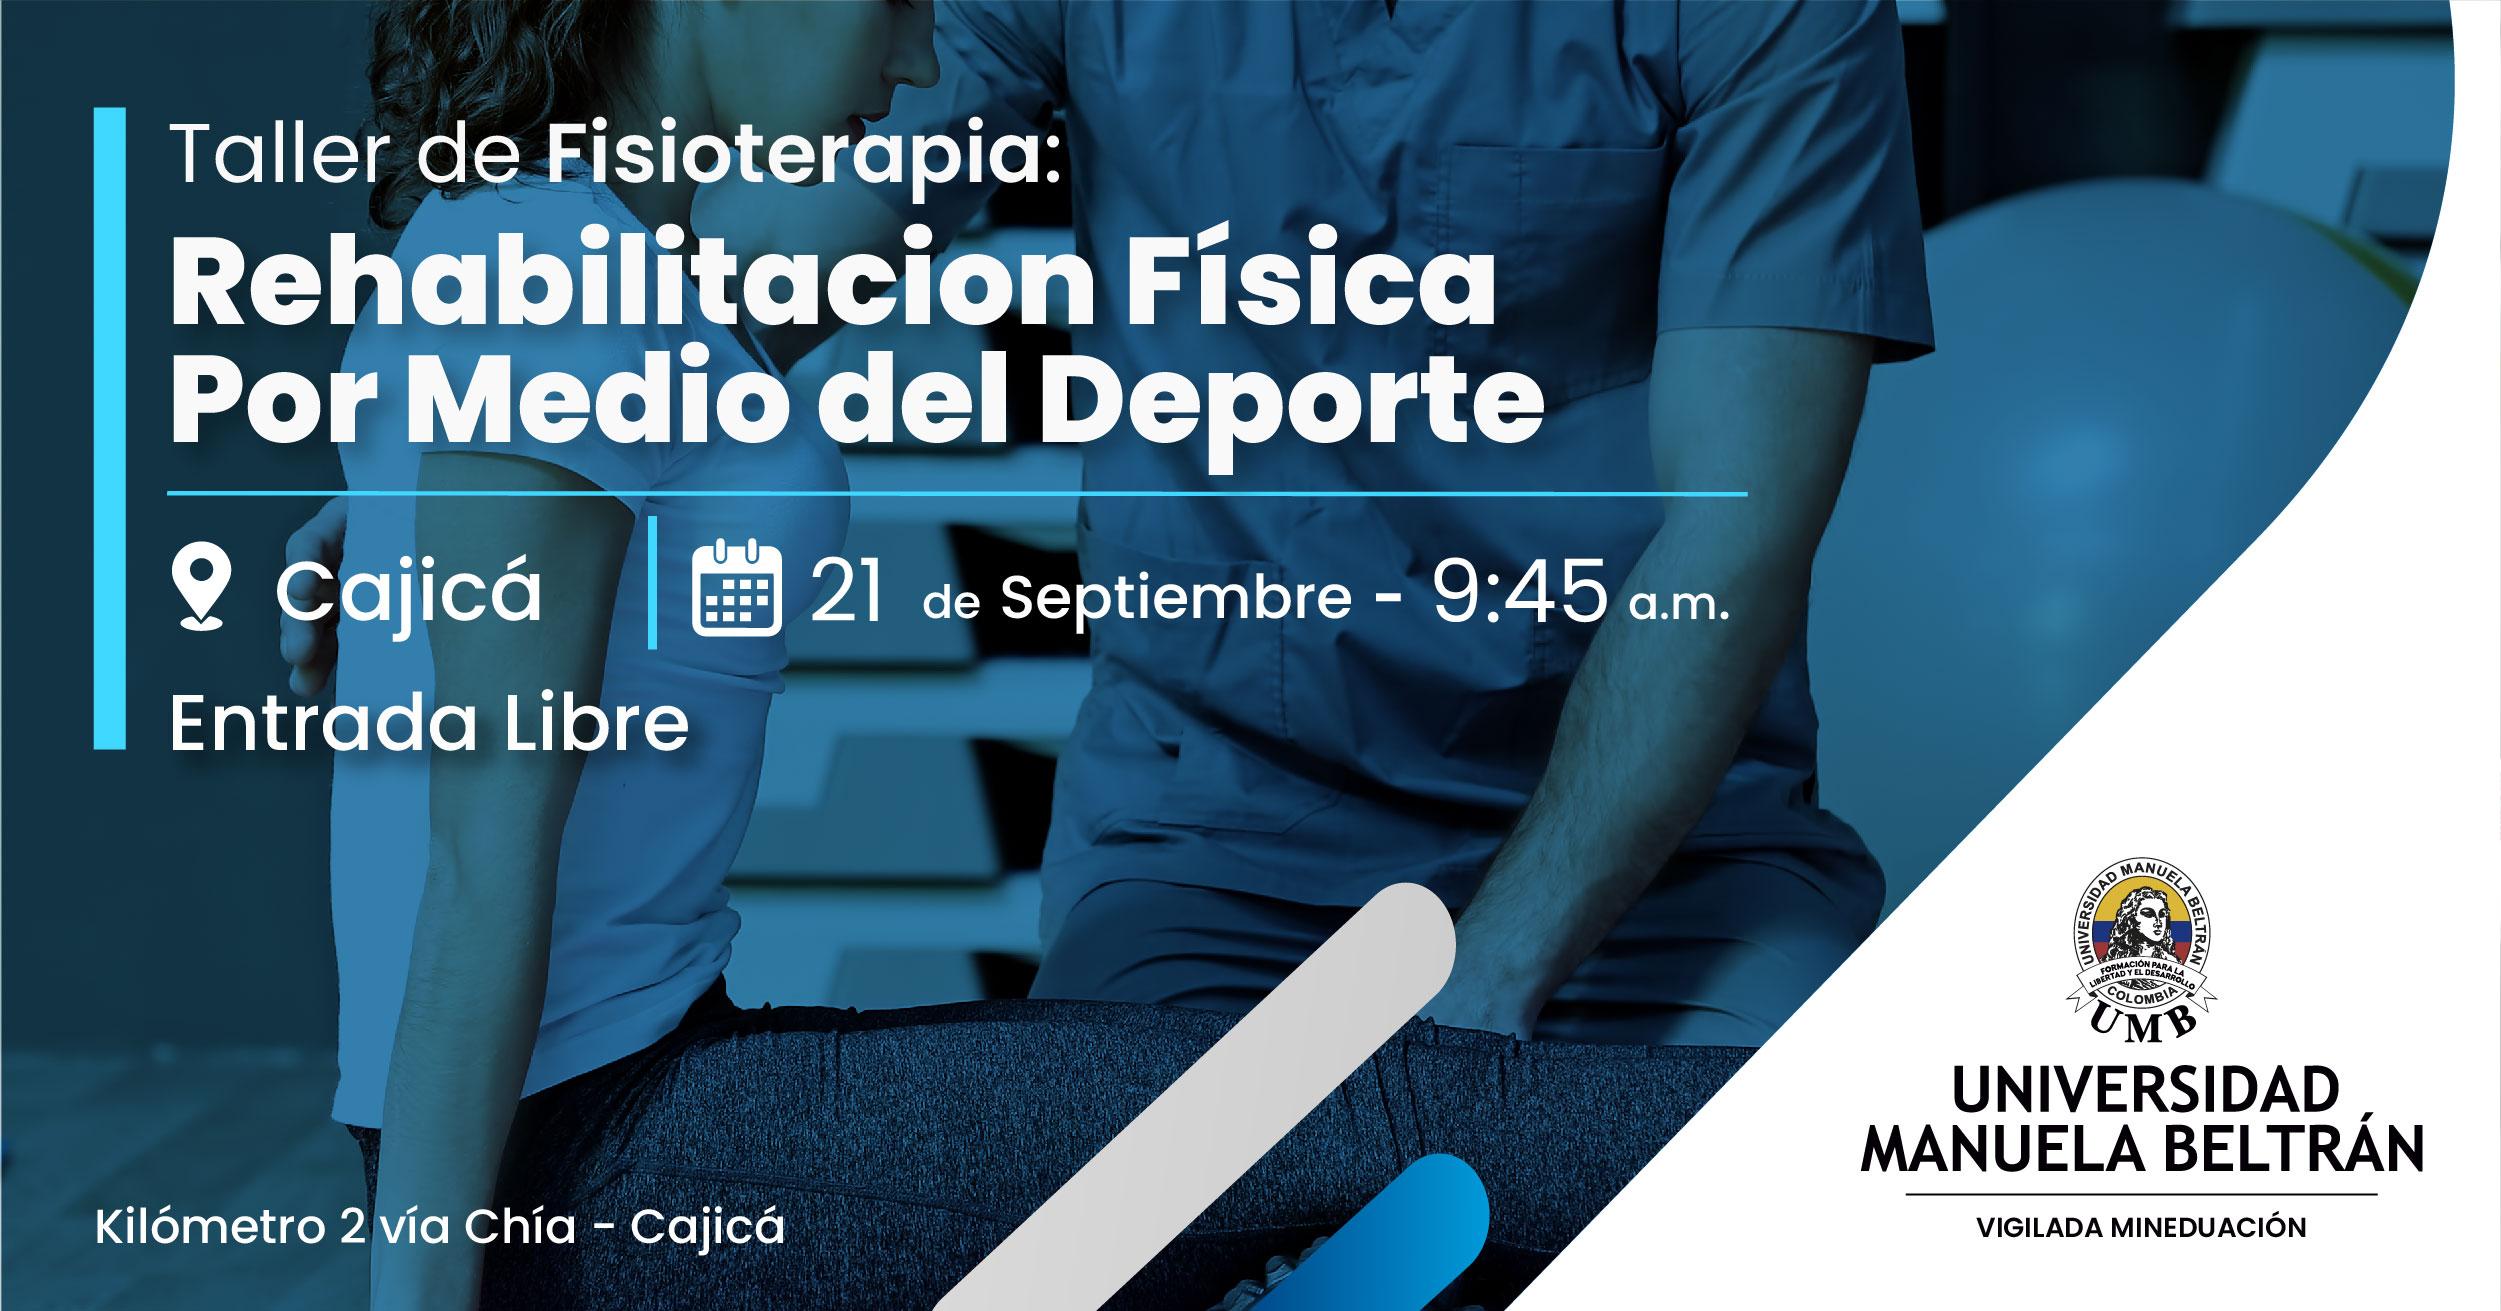 Rehabilitacion_fisica_deporte_mesa_de_trabajo_1_copia